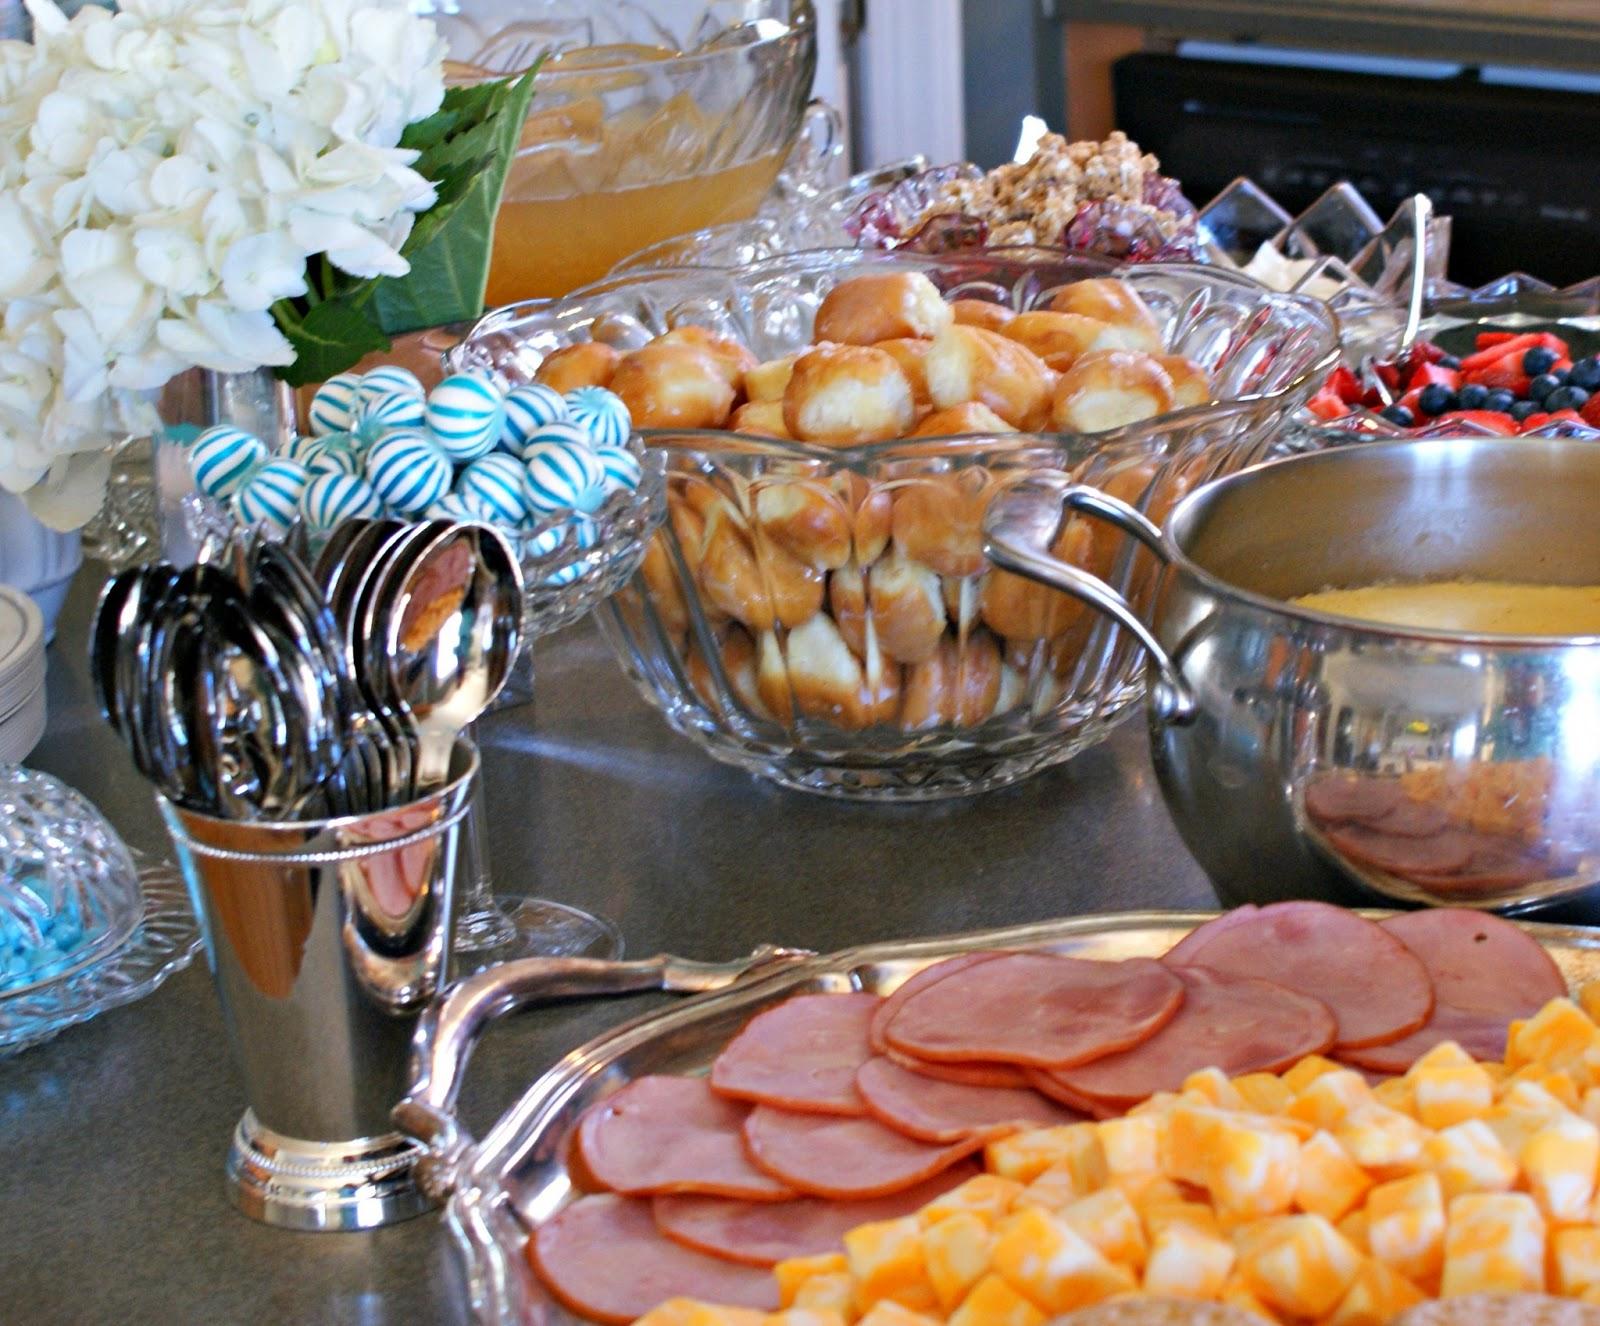 A little loveliness breakfast at tiffany 39 s food fun favors for Breakfast at tiffany s menu